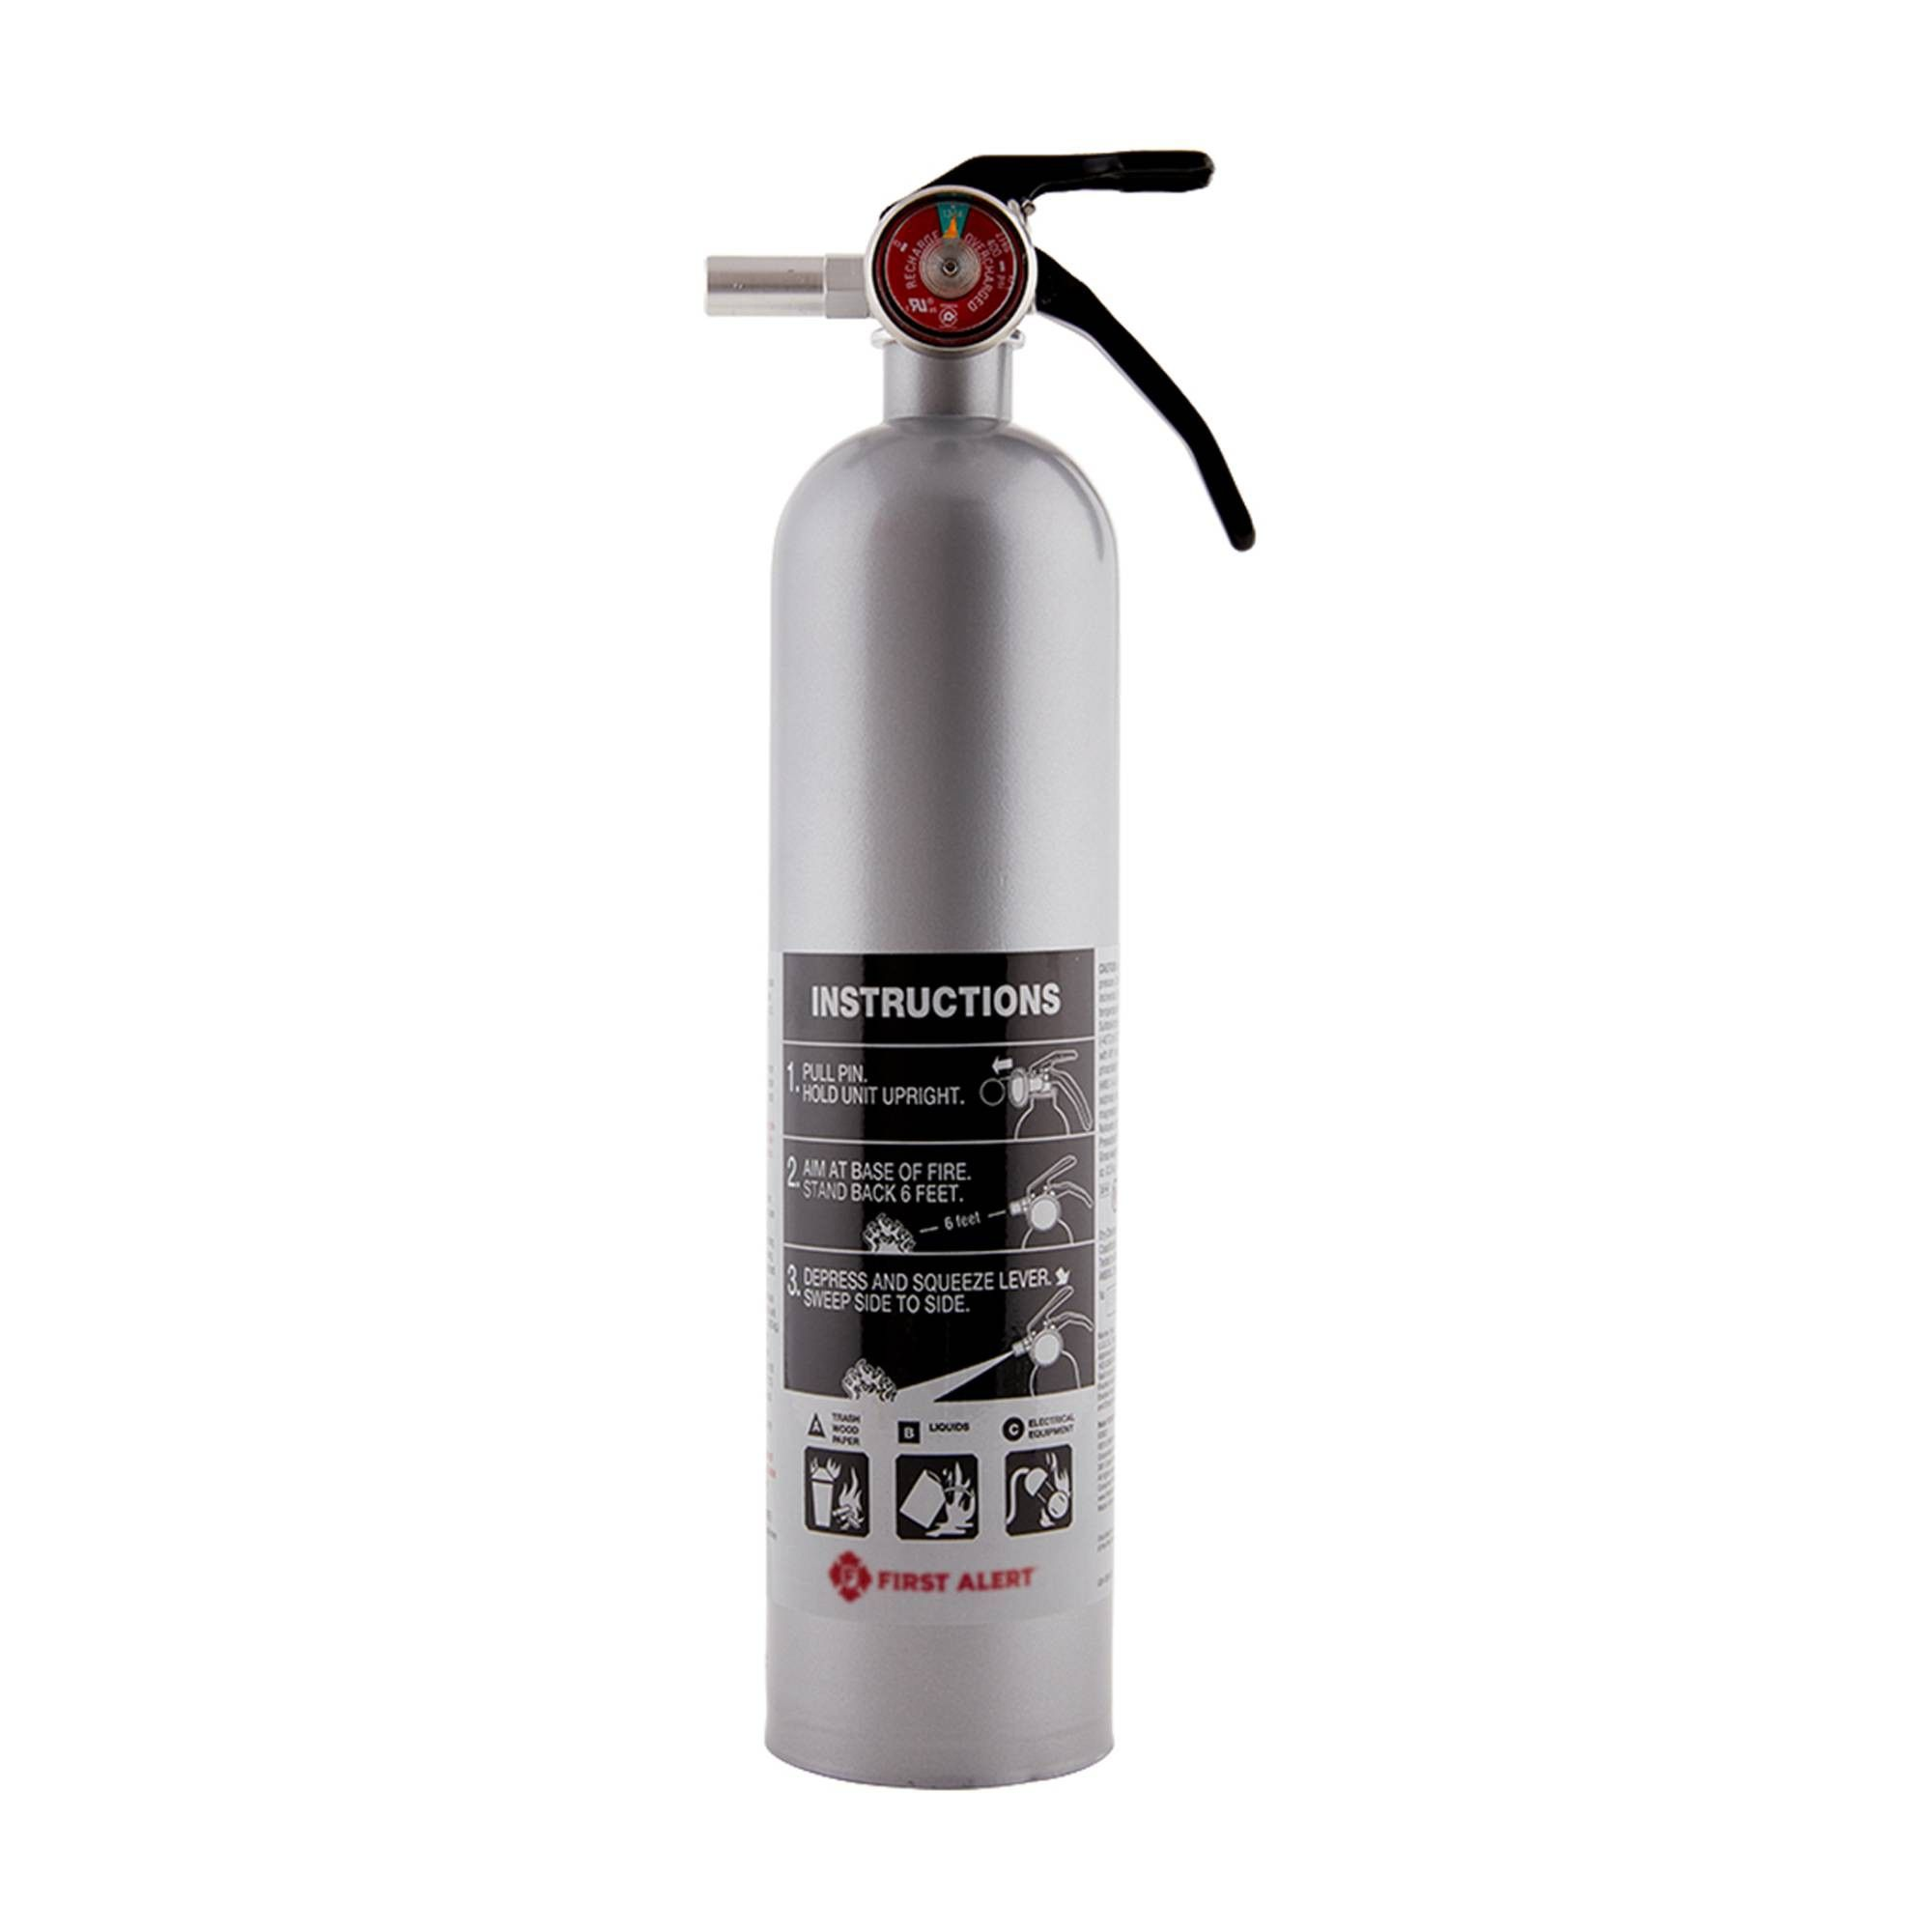 First alert designer kitchen and home fire extinguisher